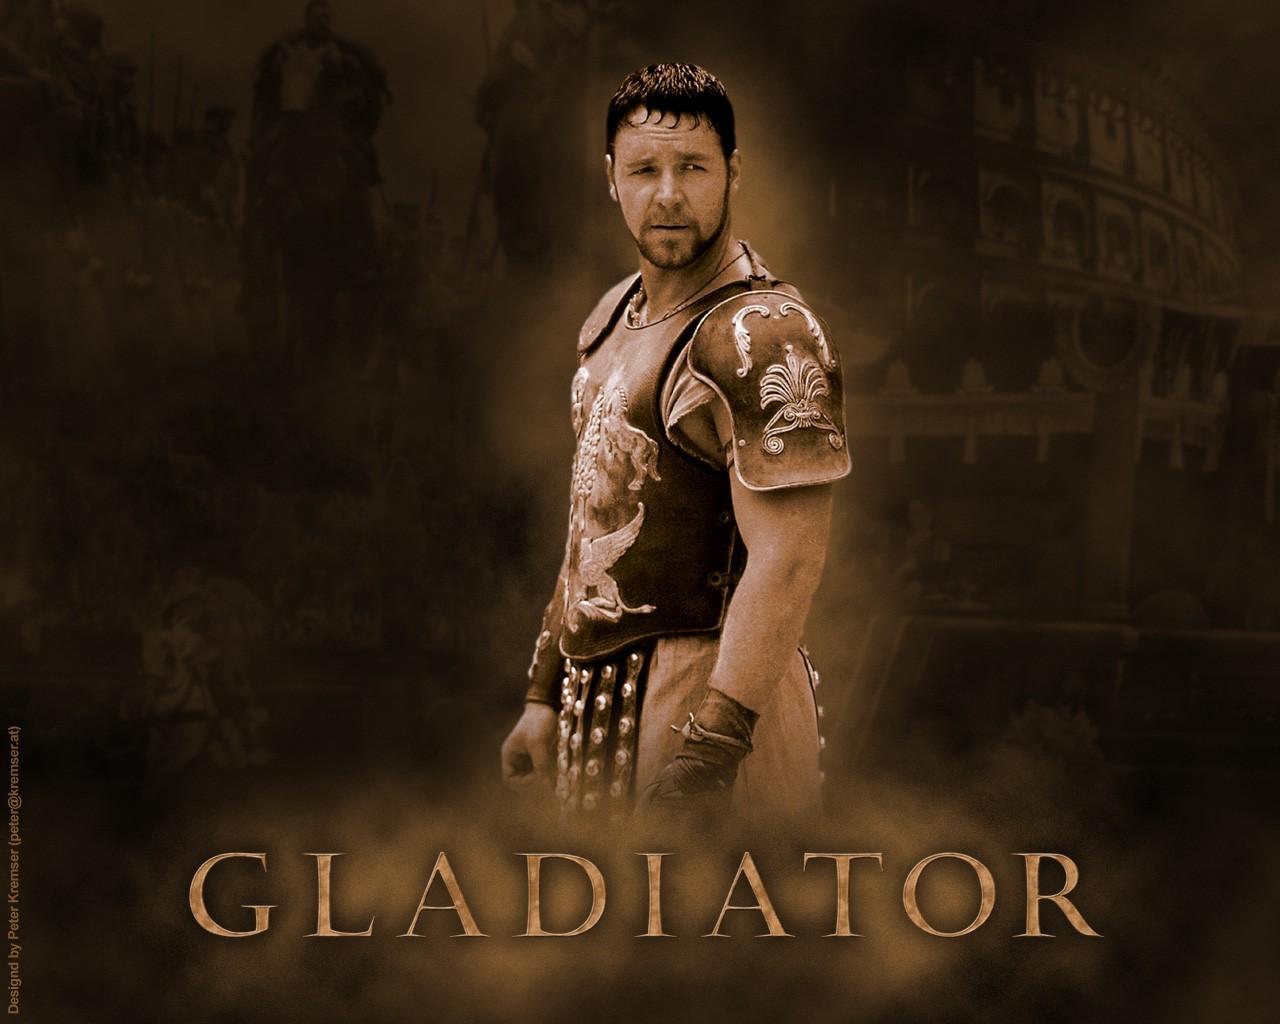 http://3.bp.blogspot.com/_NwZ5hLRV2zo/TQIfRqcXeOI/AAAAAAAAAHw/fFTl0XAvtjQ/s1600/Gladiator-wallpaper_8558.jpg